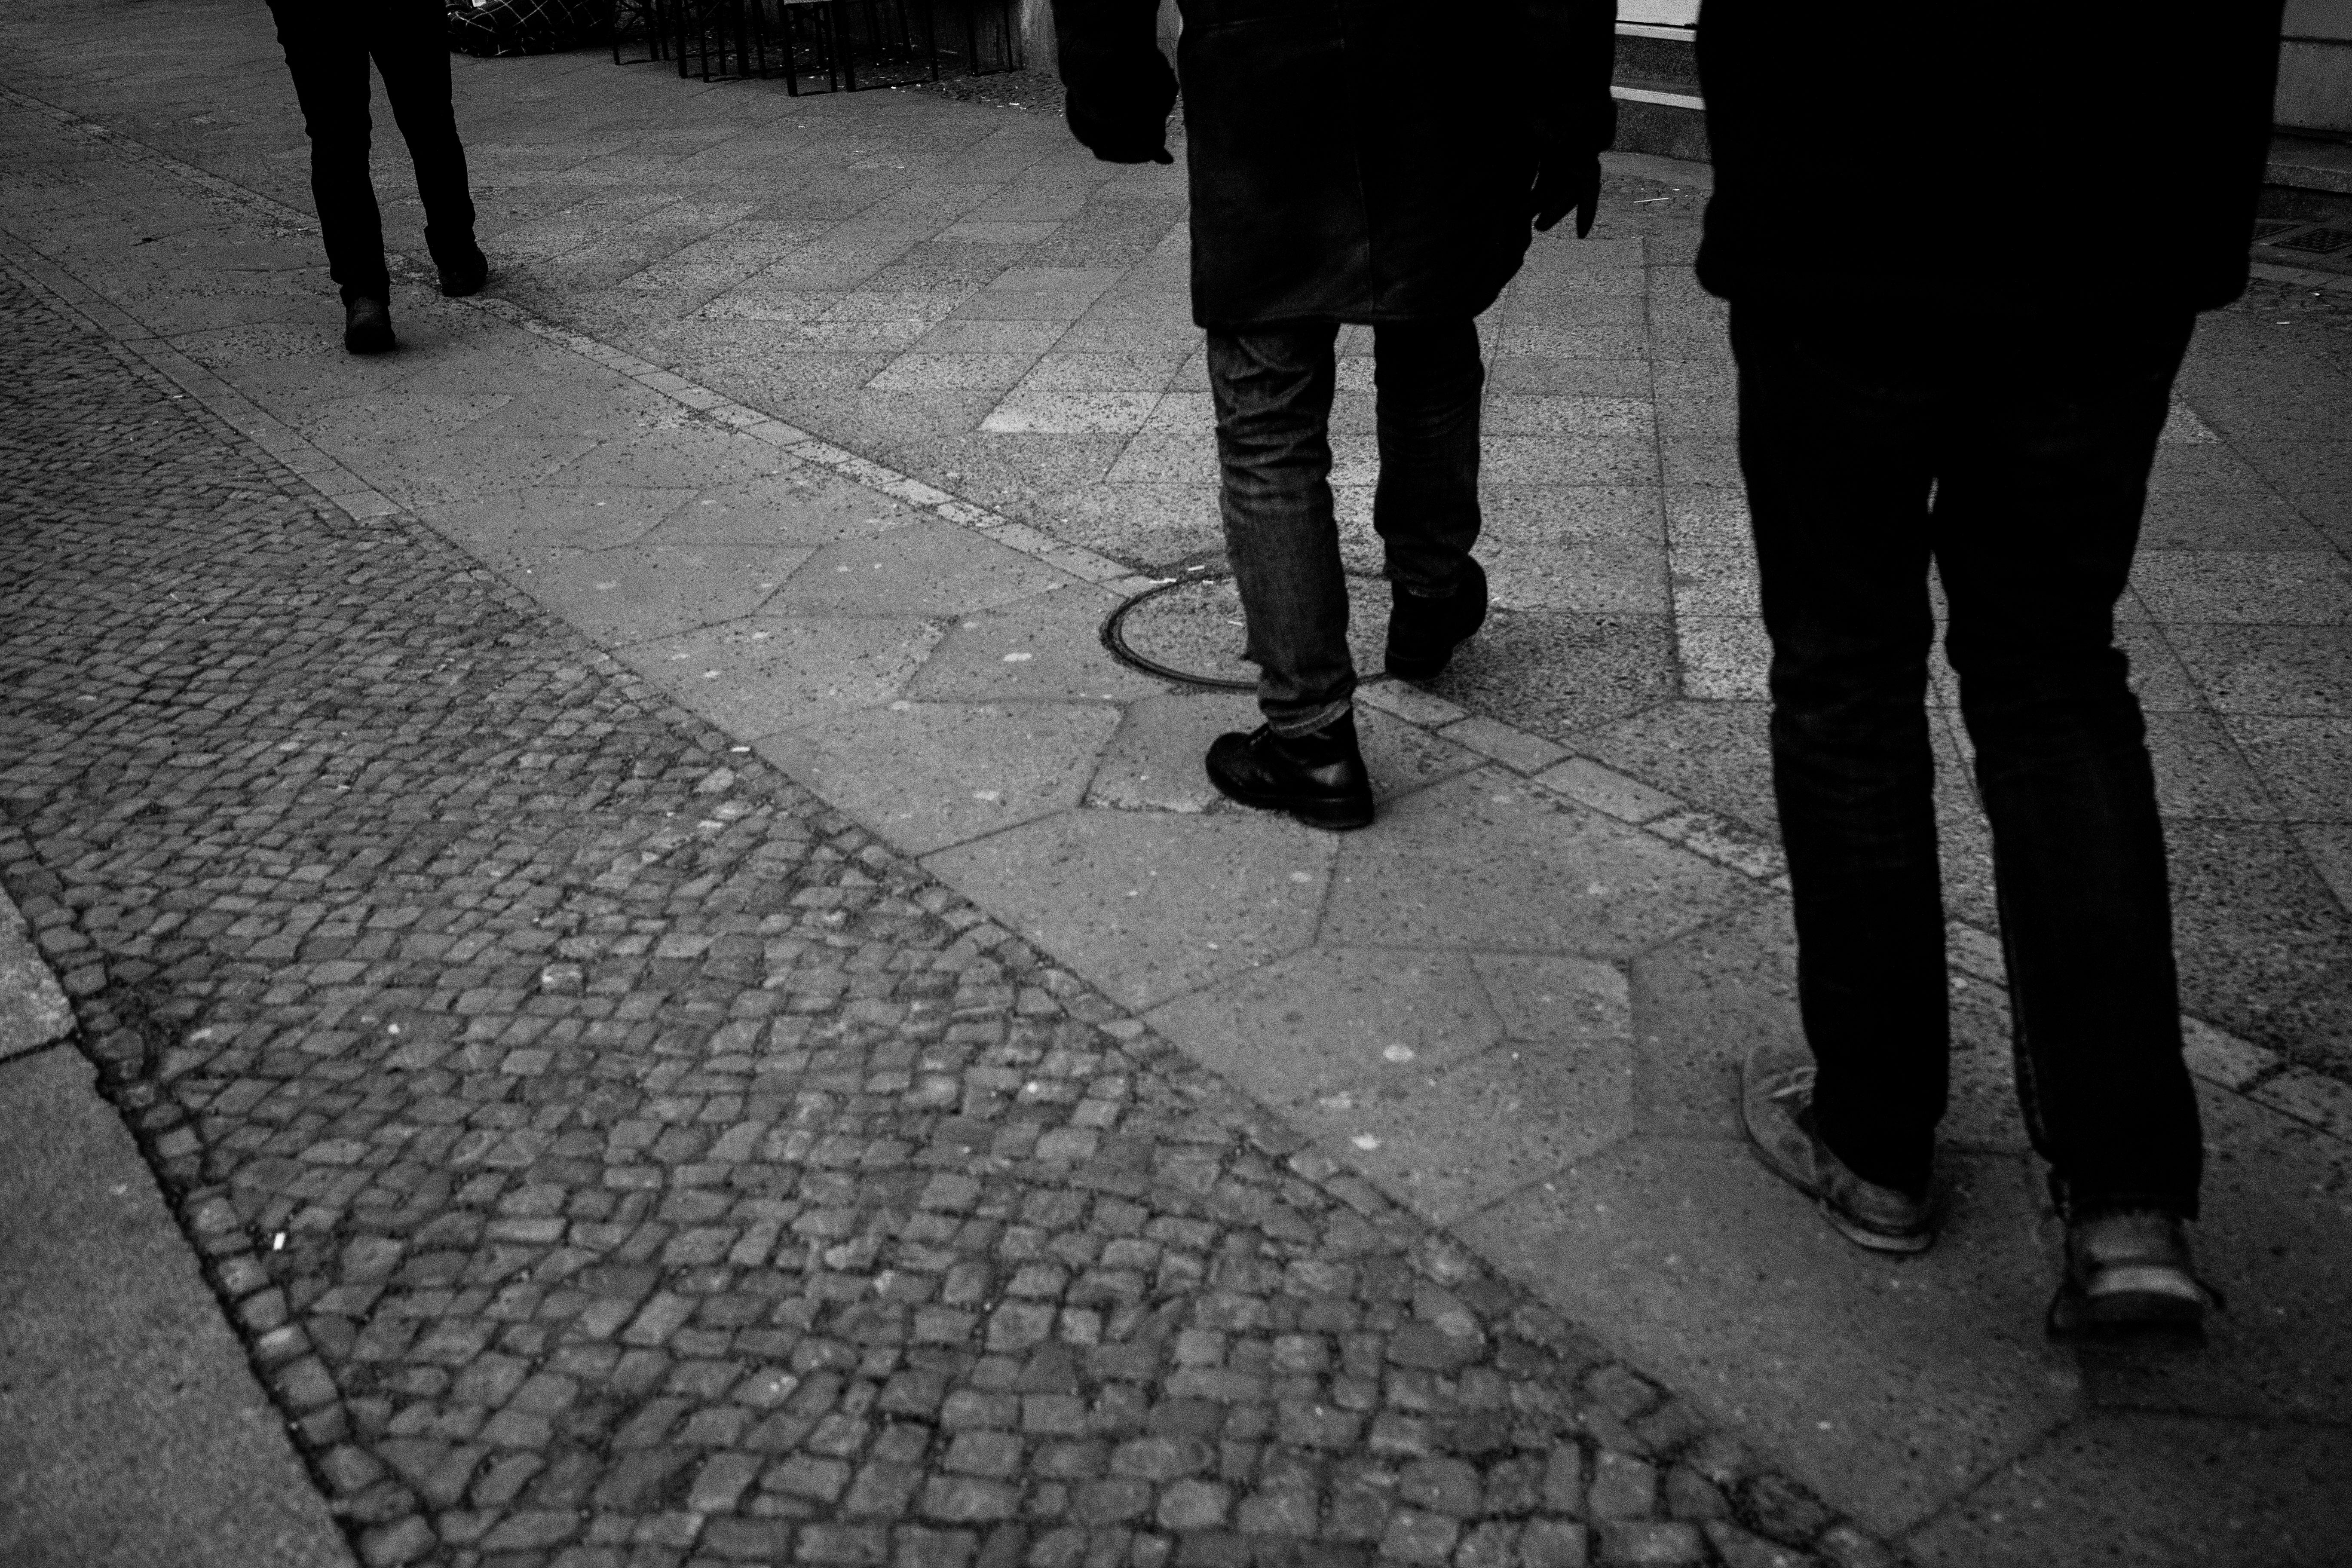 walking_in_line_6420